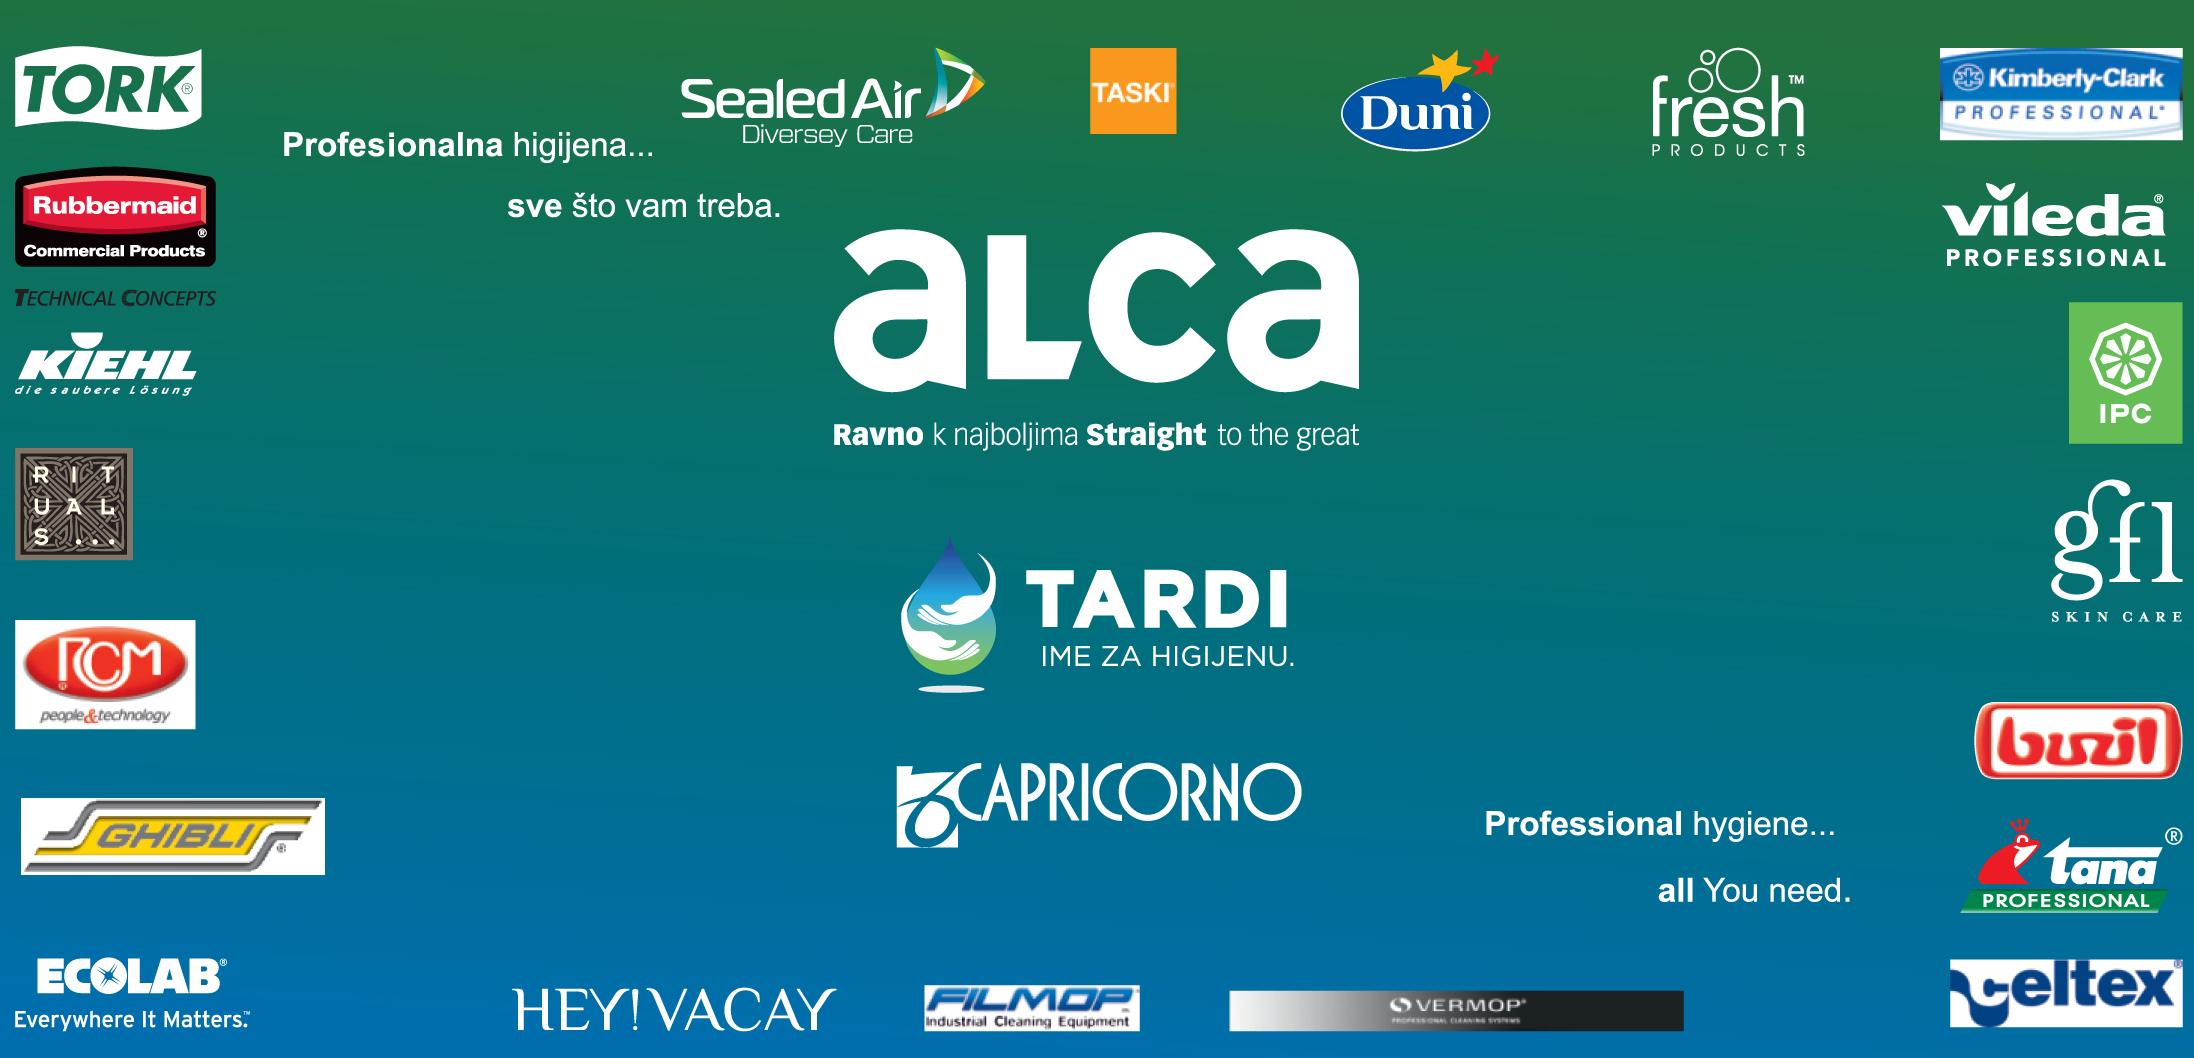 GAST 2017, Alca